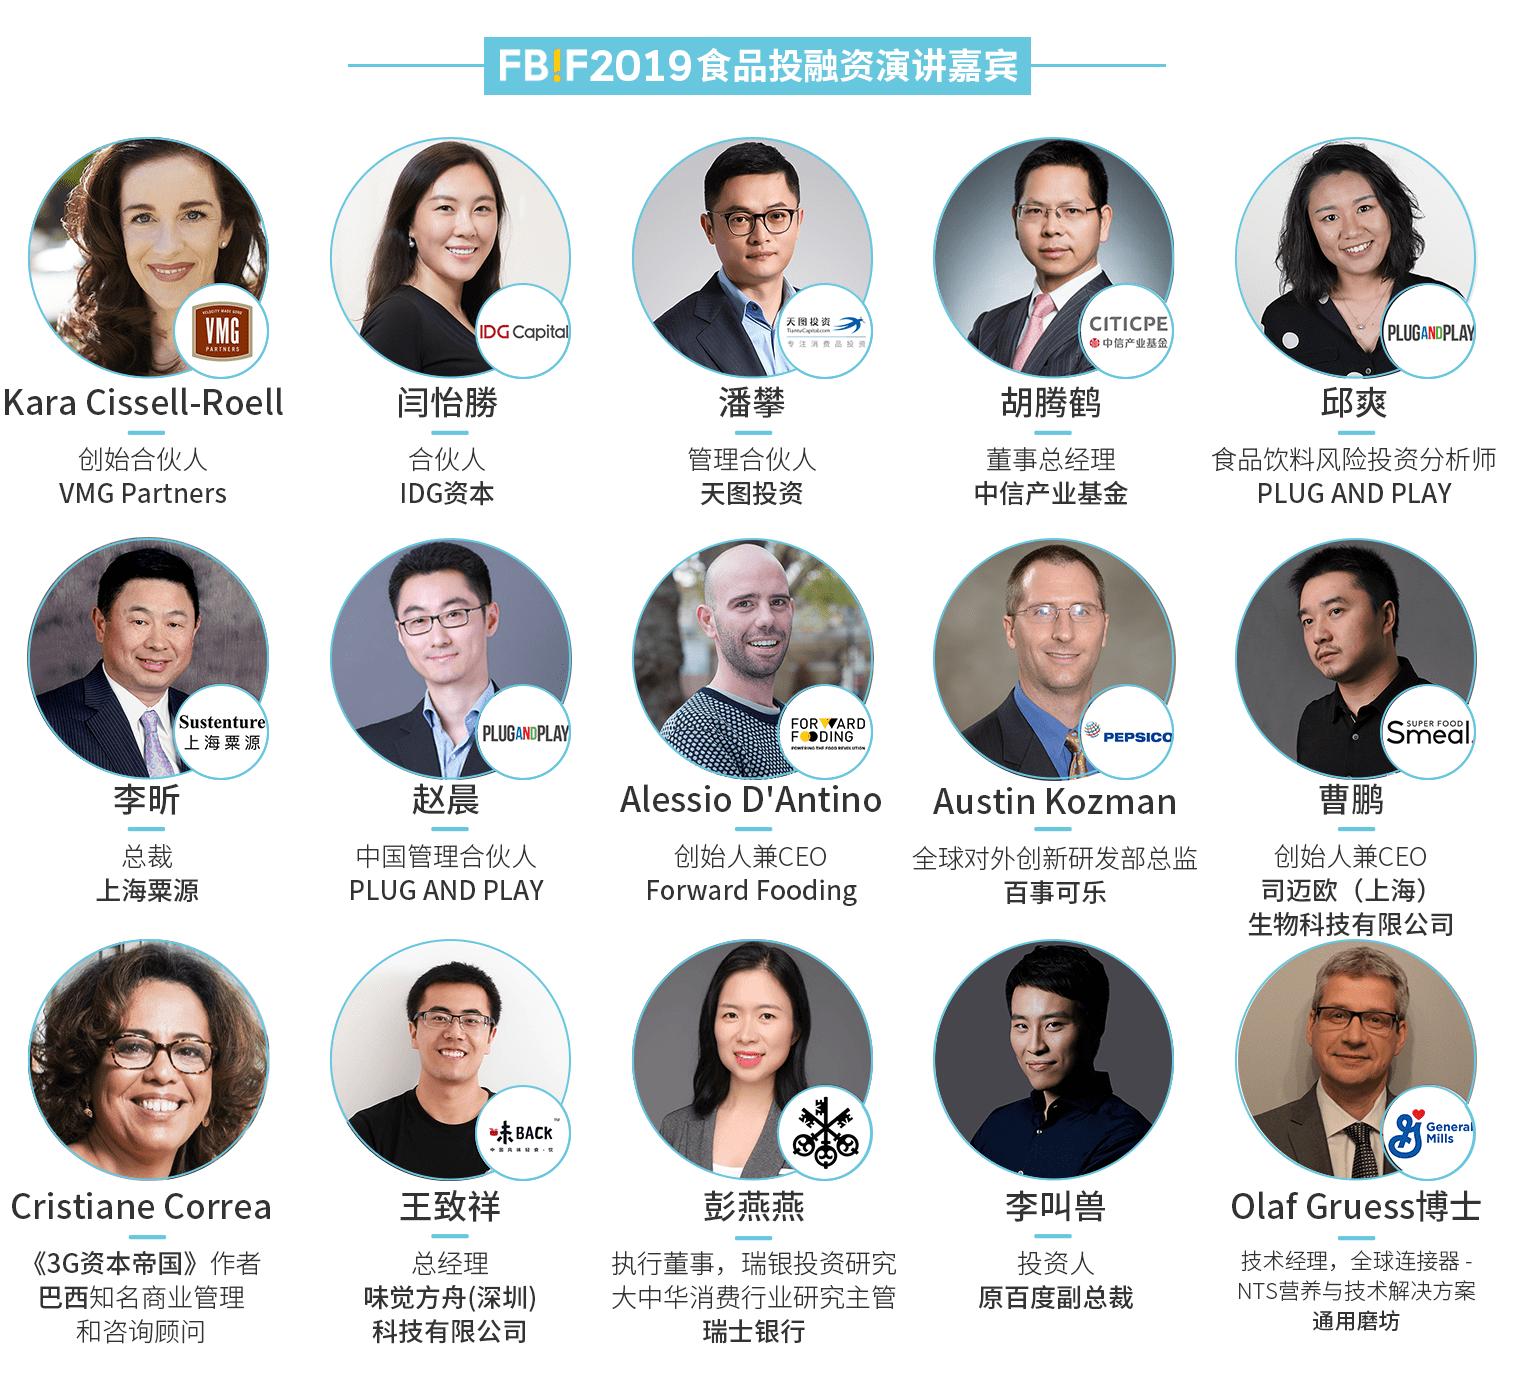 7-通稿分论坛嘉宾-web-食品投融资.png